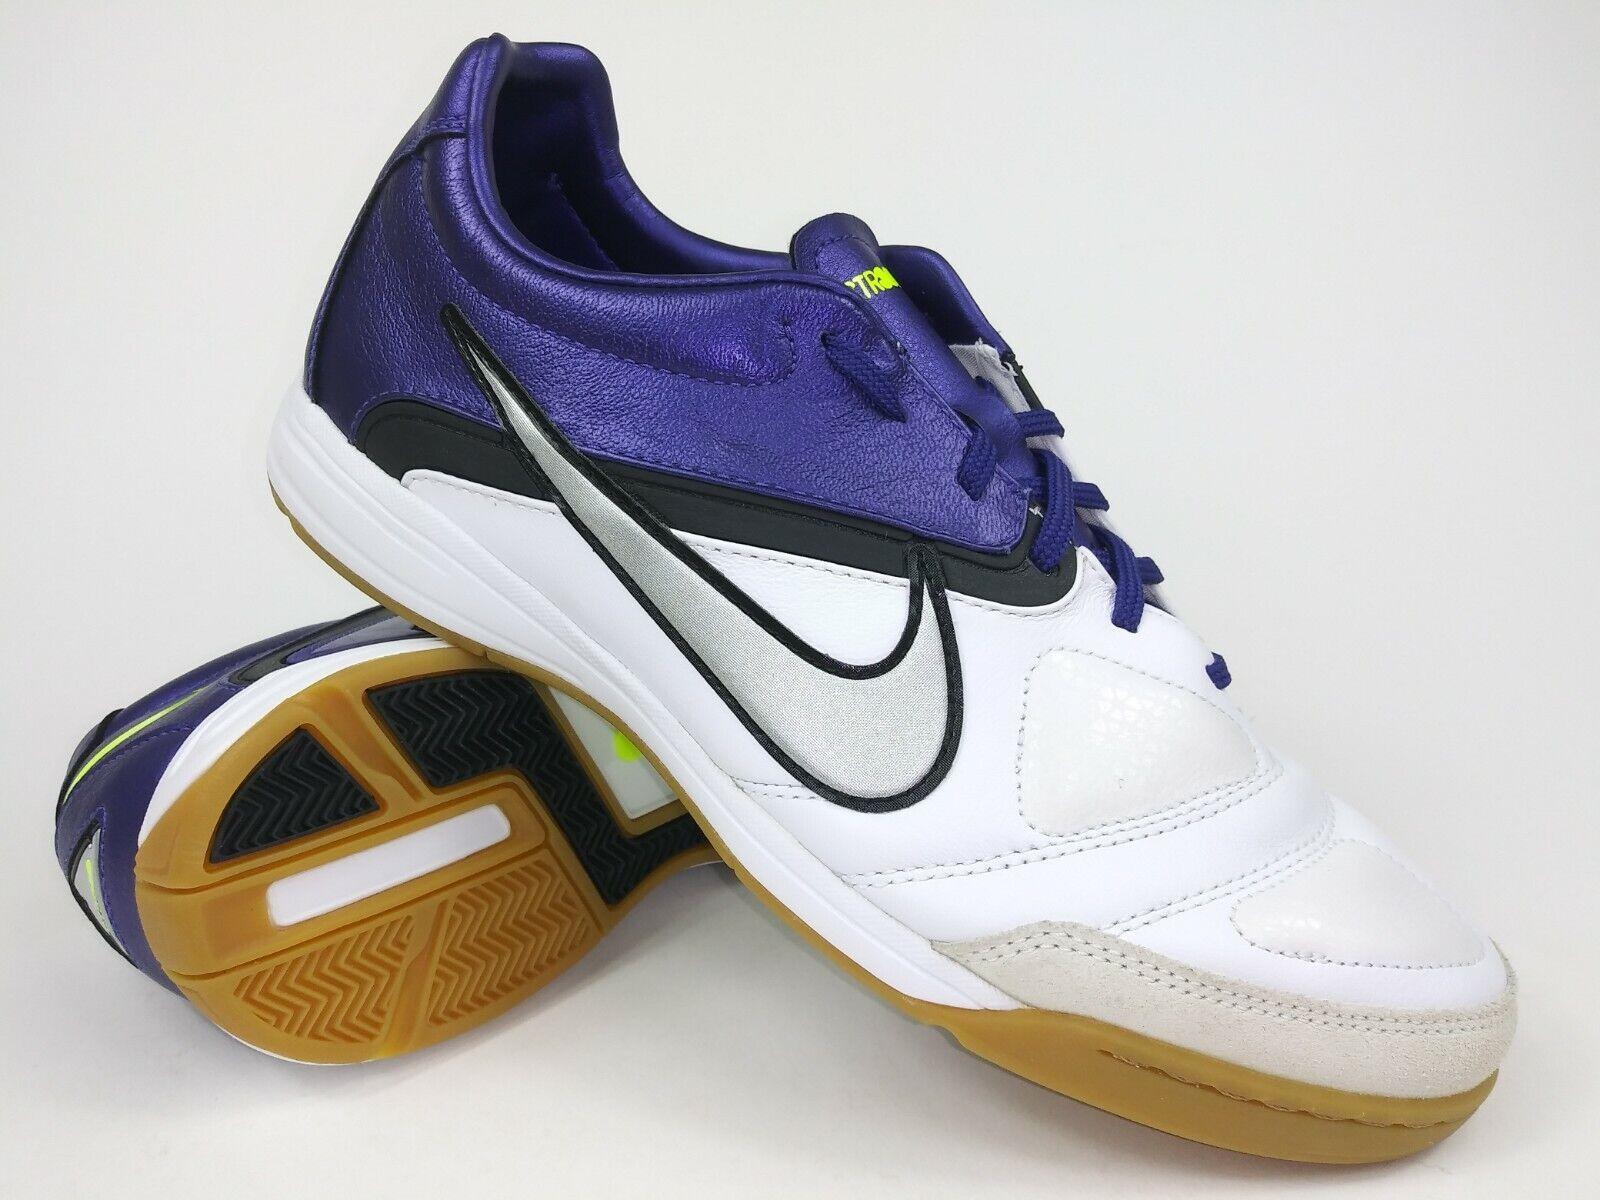 Nike Hombre Raro CTR360 Liberetto ll IC 429534-105 blancoo Interior Zapatos Talla 11.5